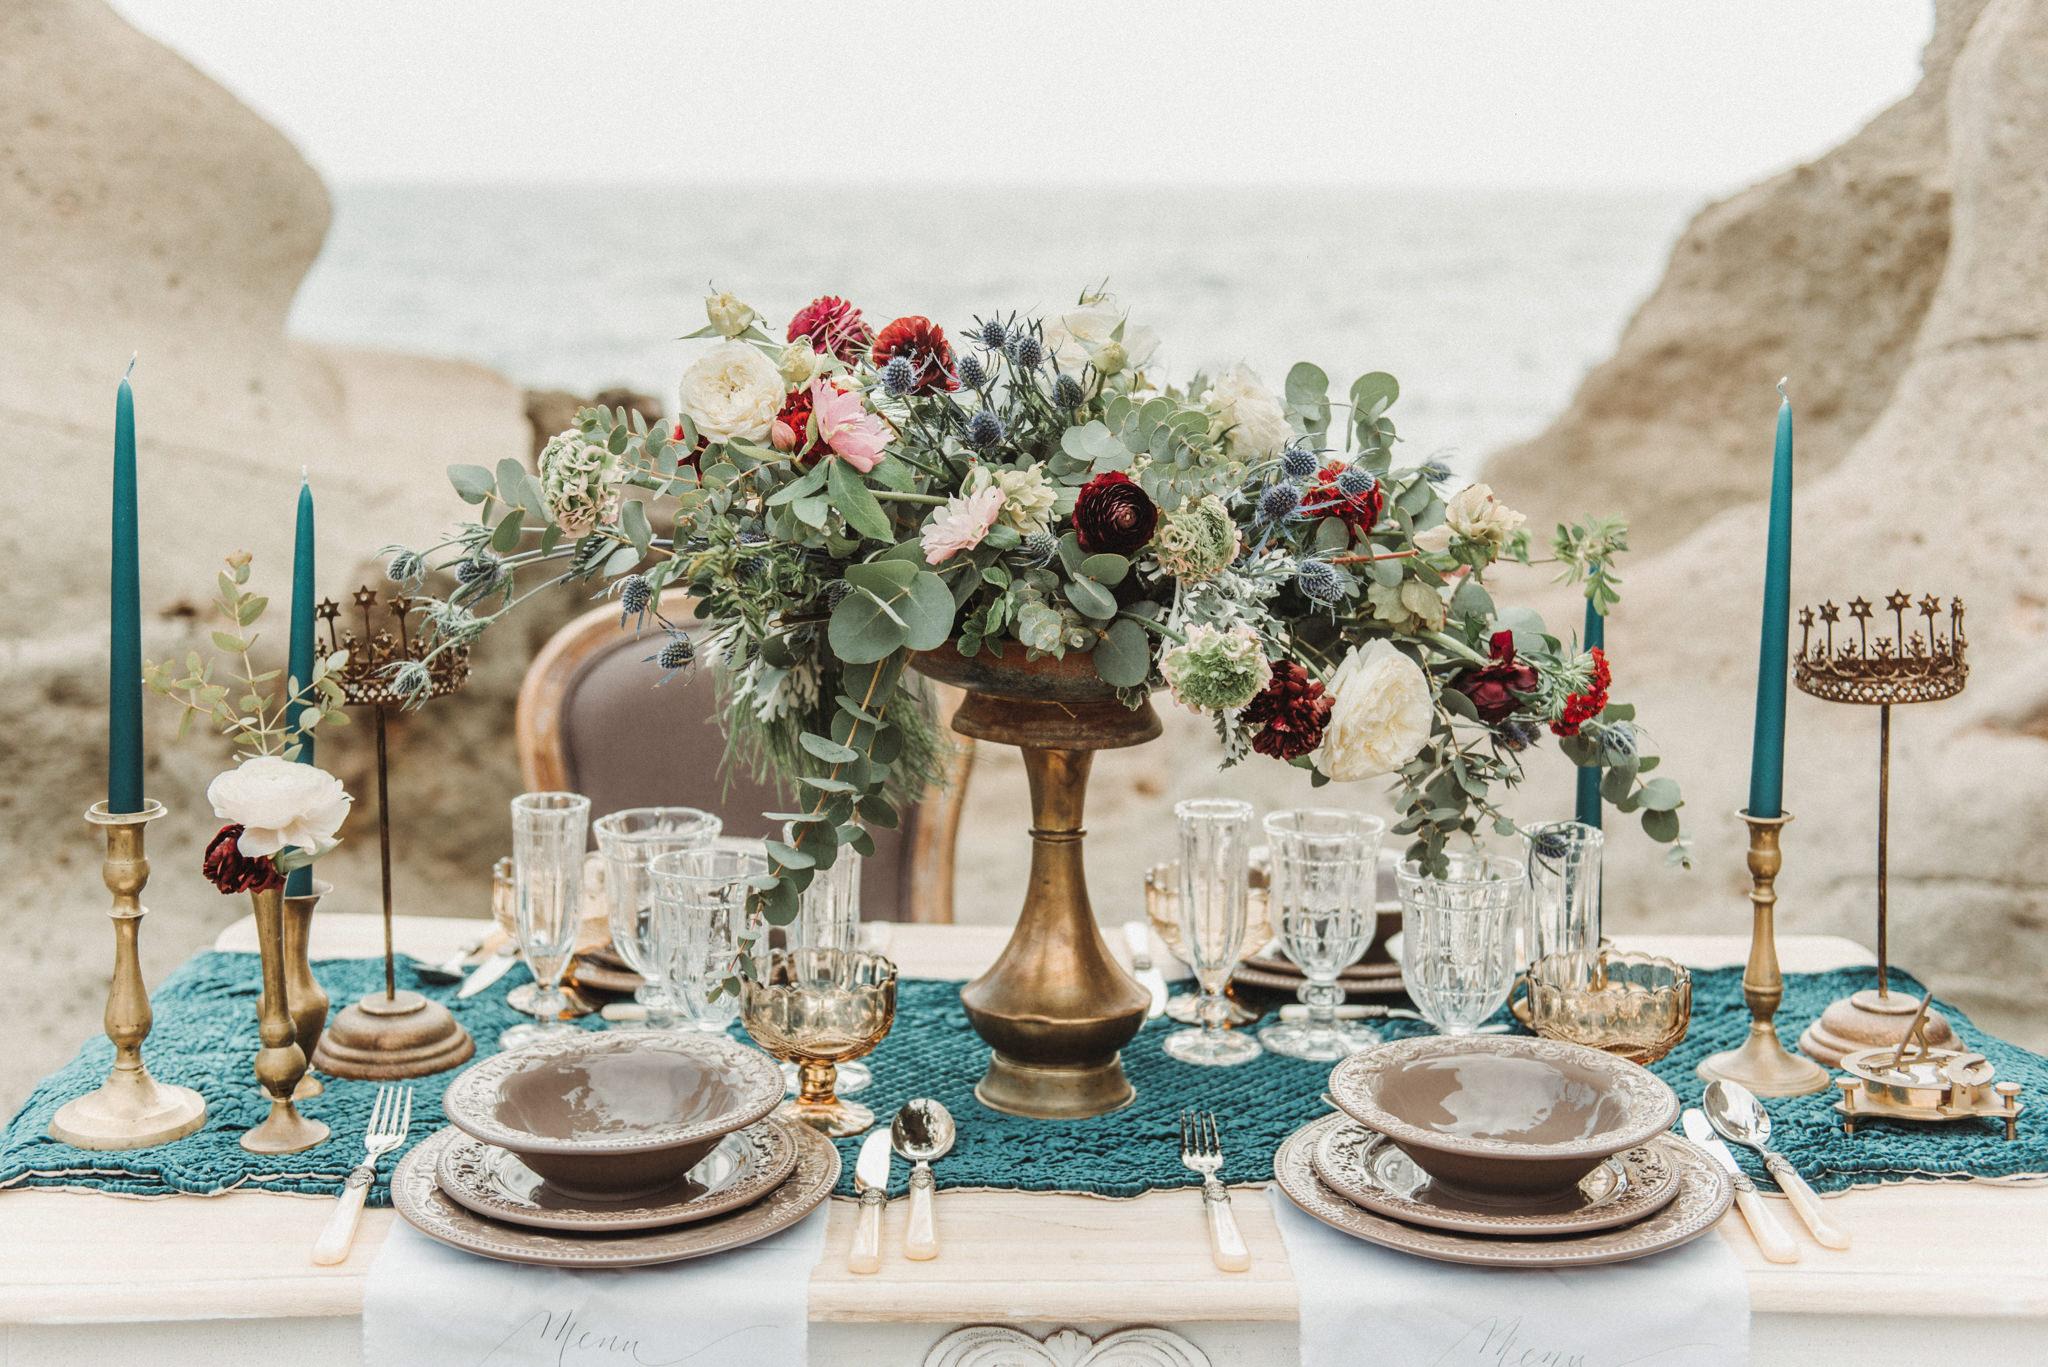 Italien-Hochzeit-sardinien-sardinia-hochzeitsfotograf-Italy-Wedding-Photographer-00018